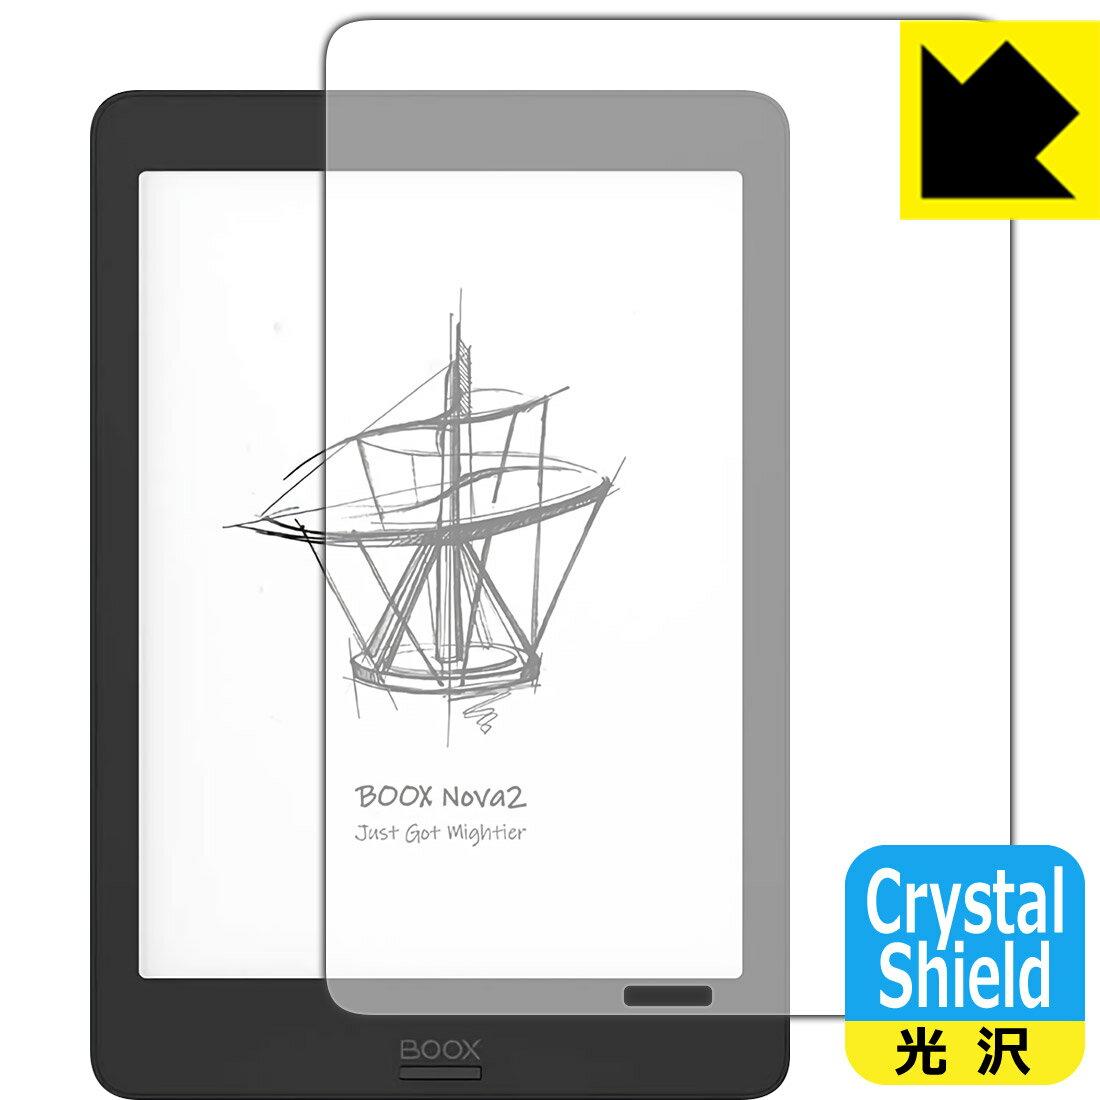 電子書籍リーダーアクセサリー, その他 Crystal Shield Onyx BOOX Nova2 BOOX Nova Pro (3) RCPsmtb-kd